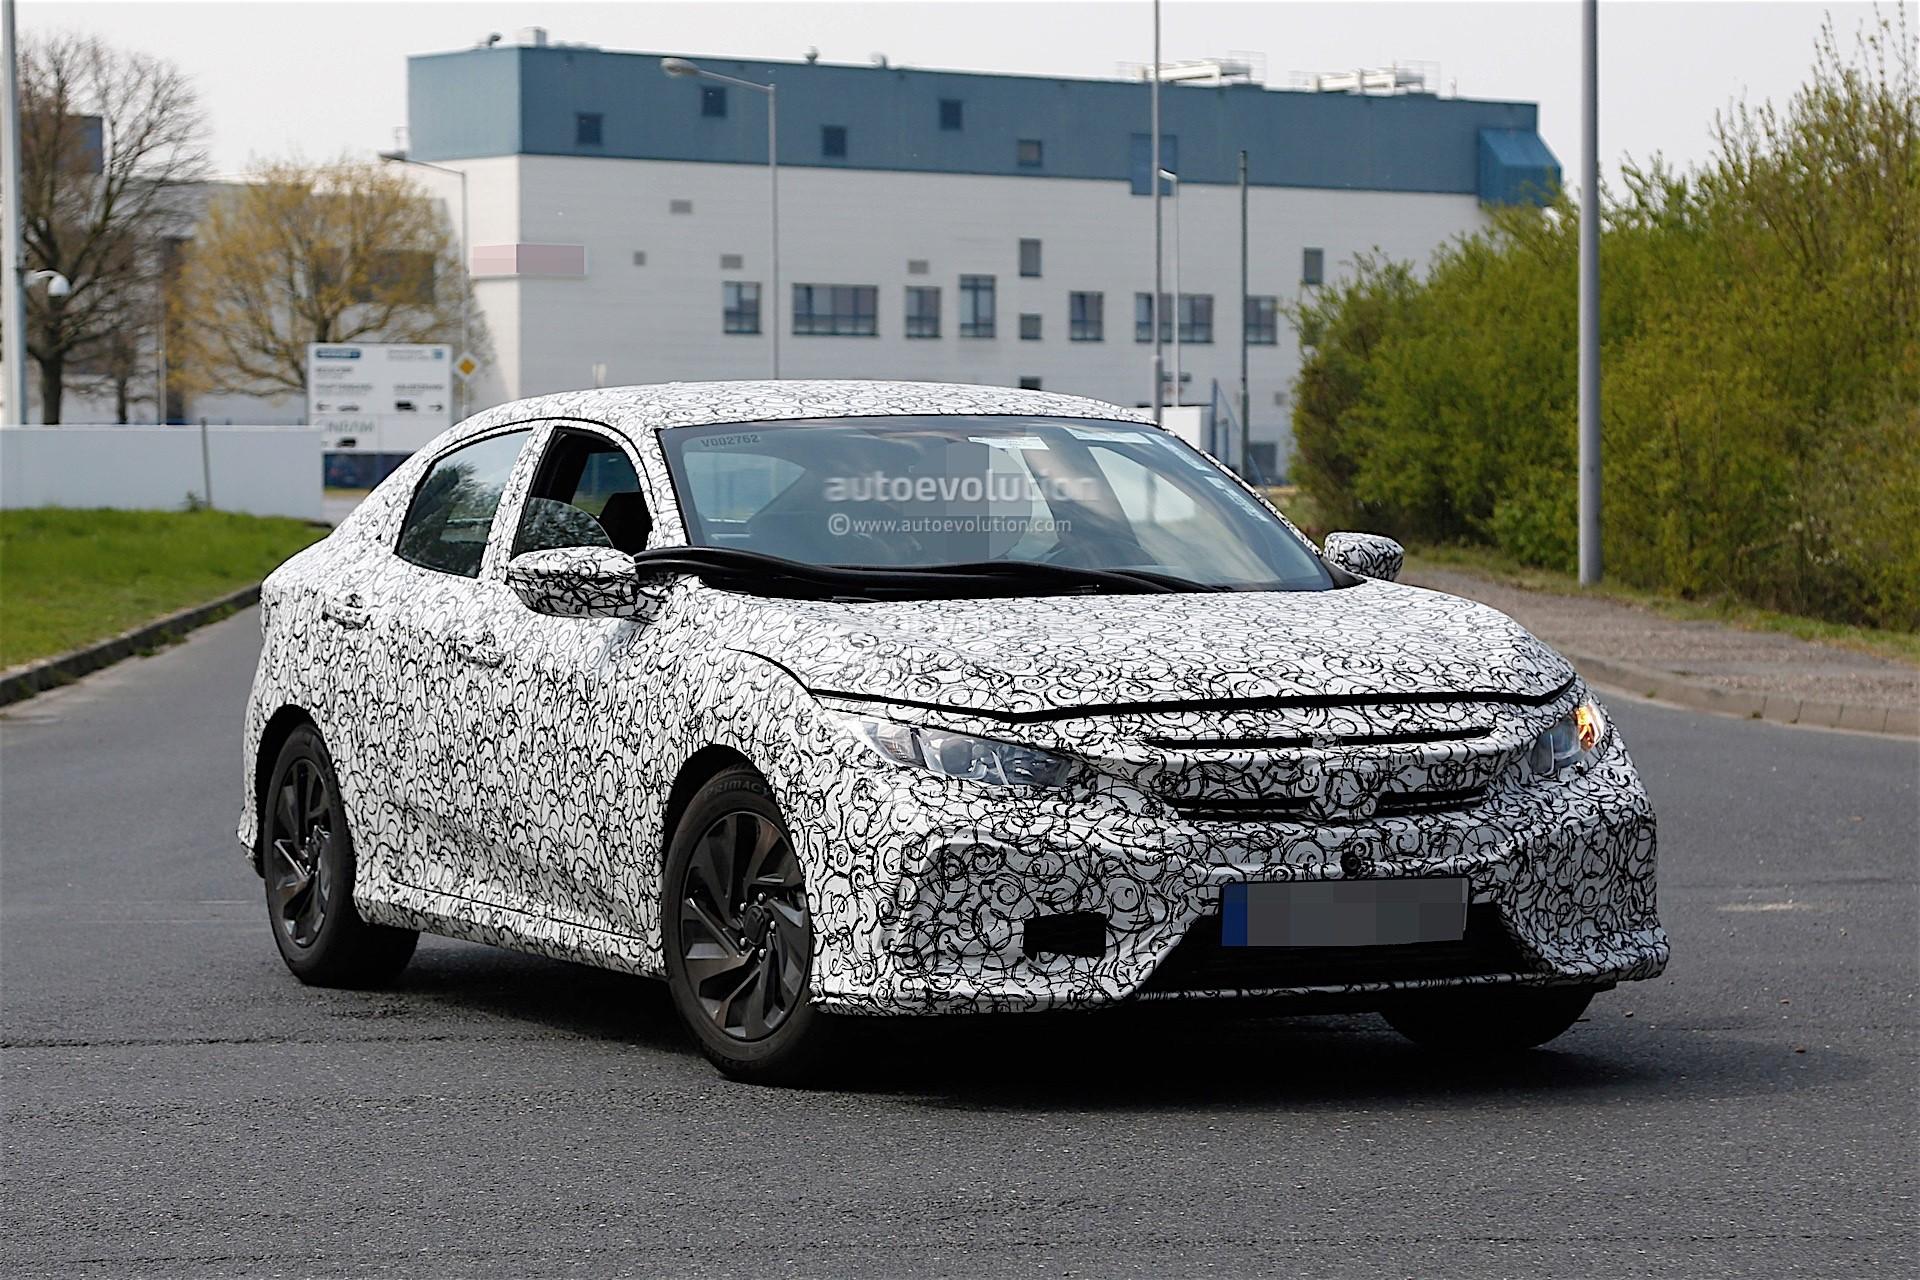 2017 Honda Civic Spyshots Reveal Interior Design